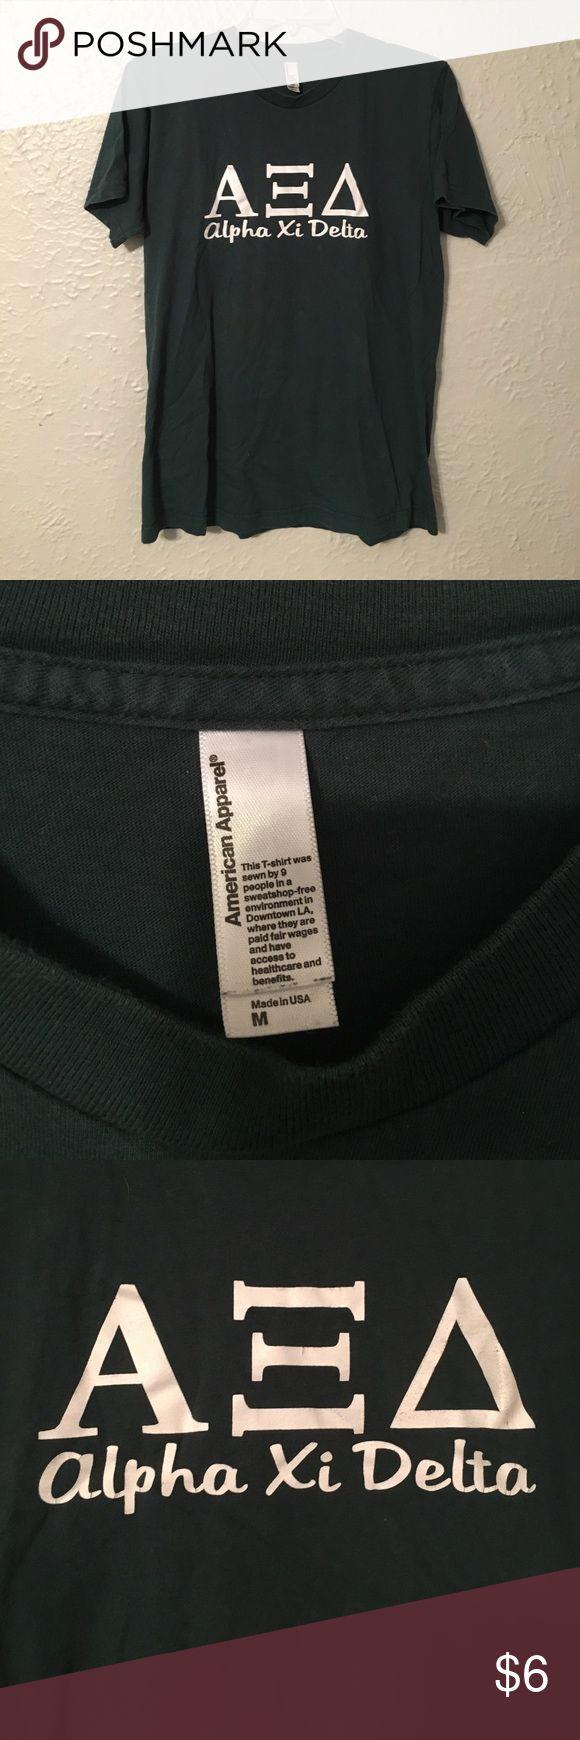 Green alpha xi delta AXiD tshirt American apparel Green and alpha xi delta AXiD tshirt American apparel brand size medium American Apparel Tops Tees - Short Sleeve